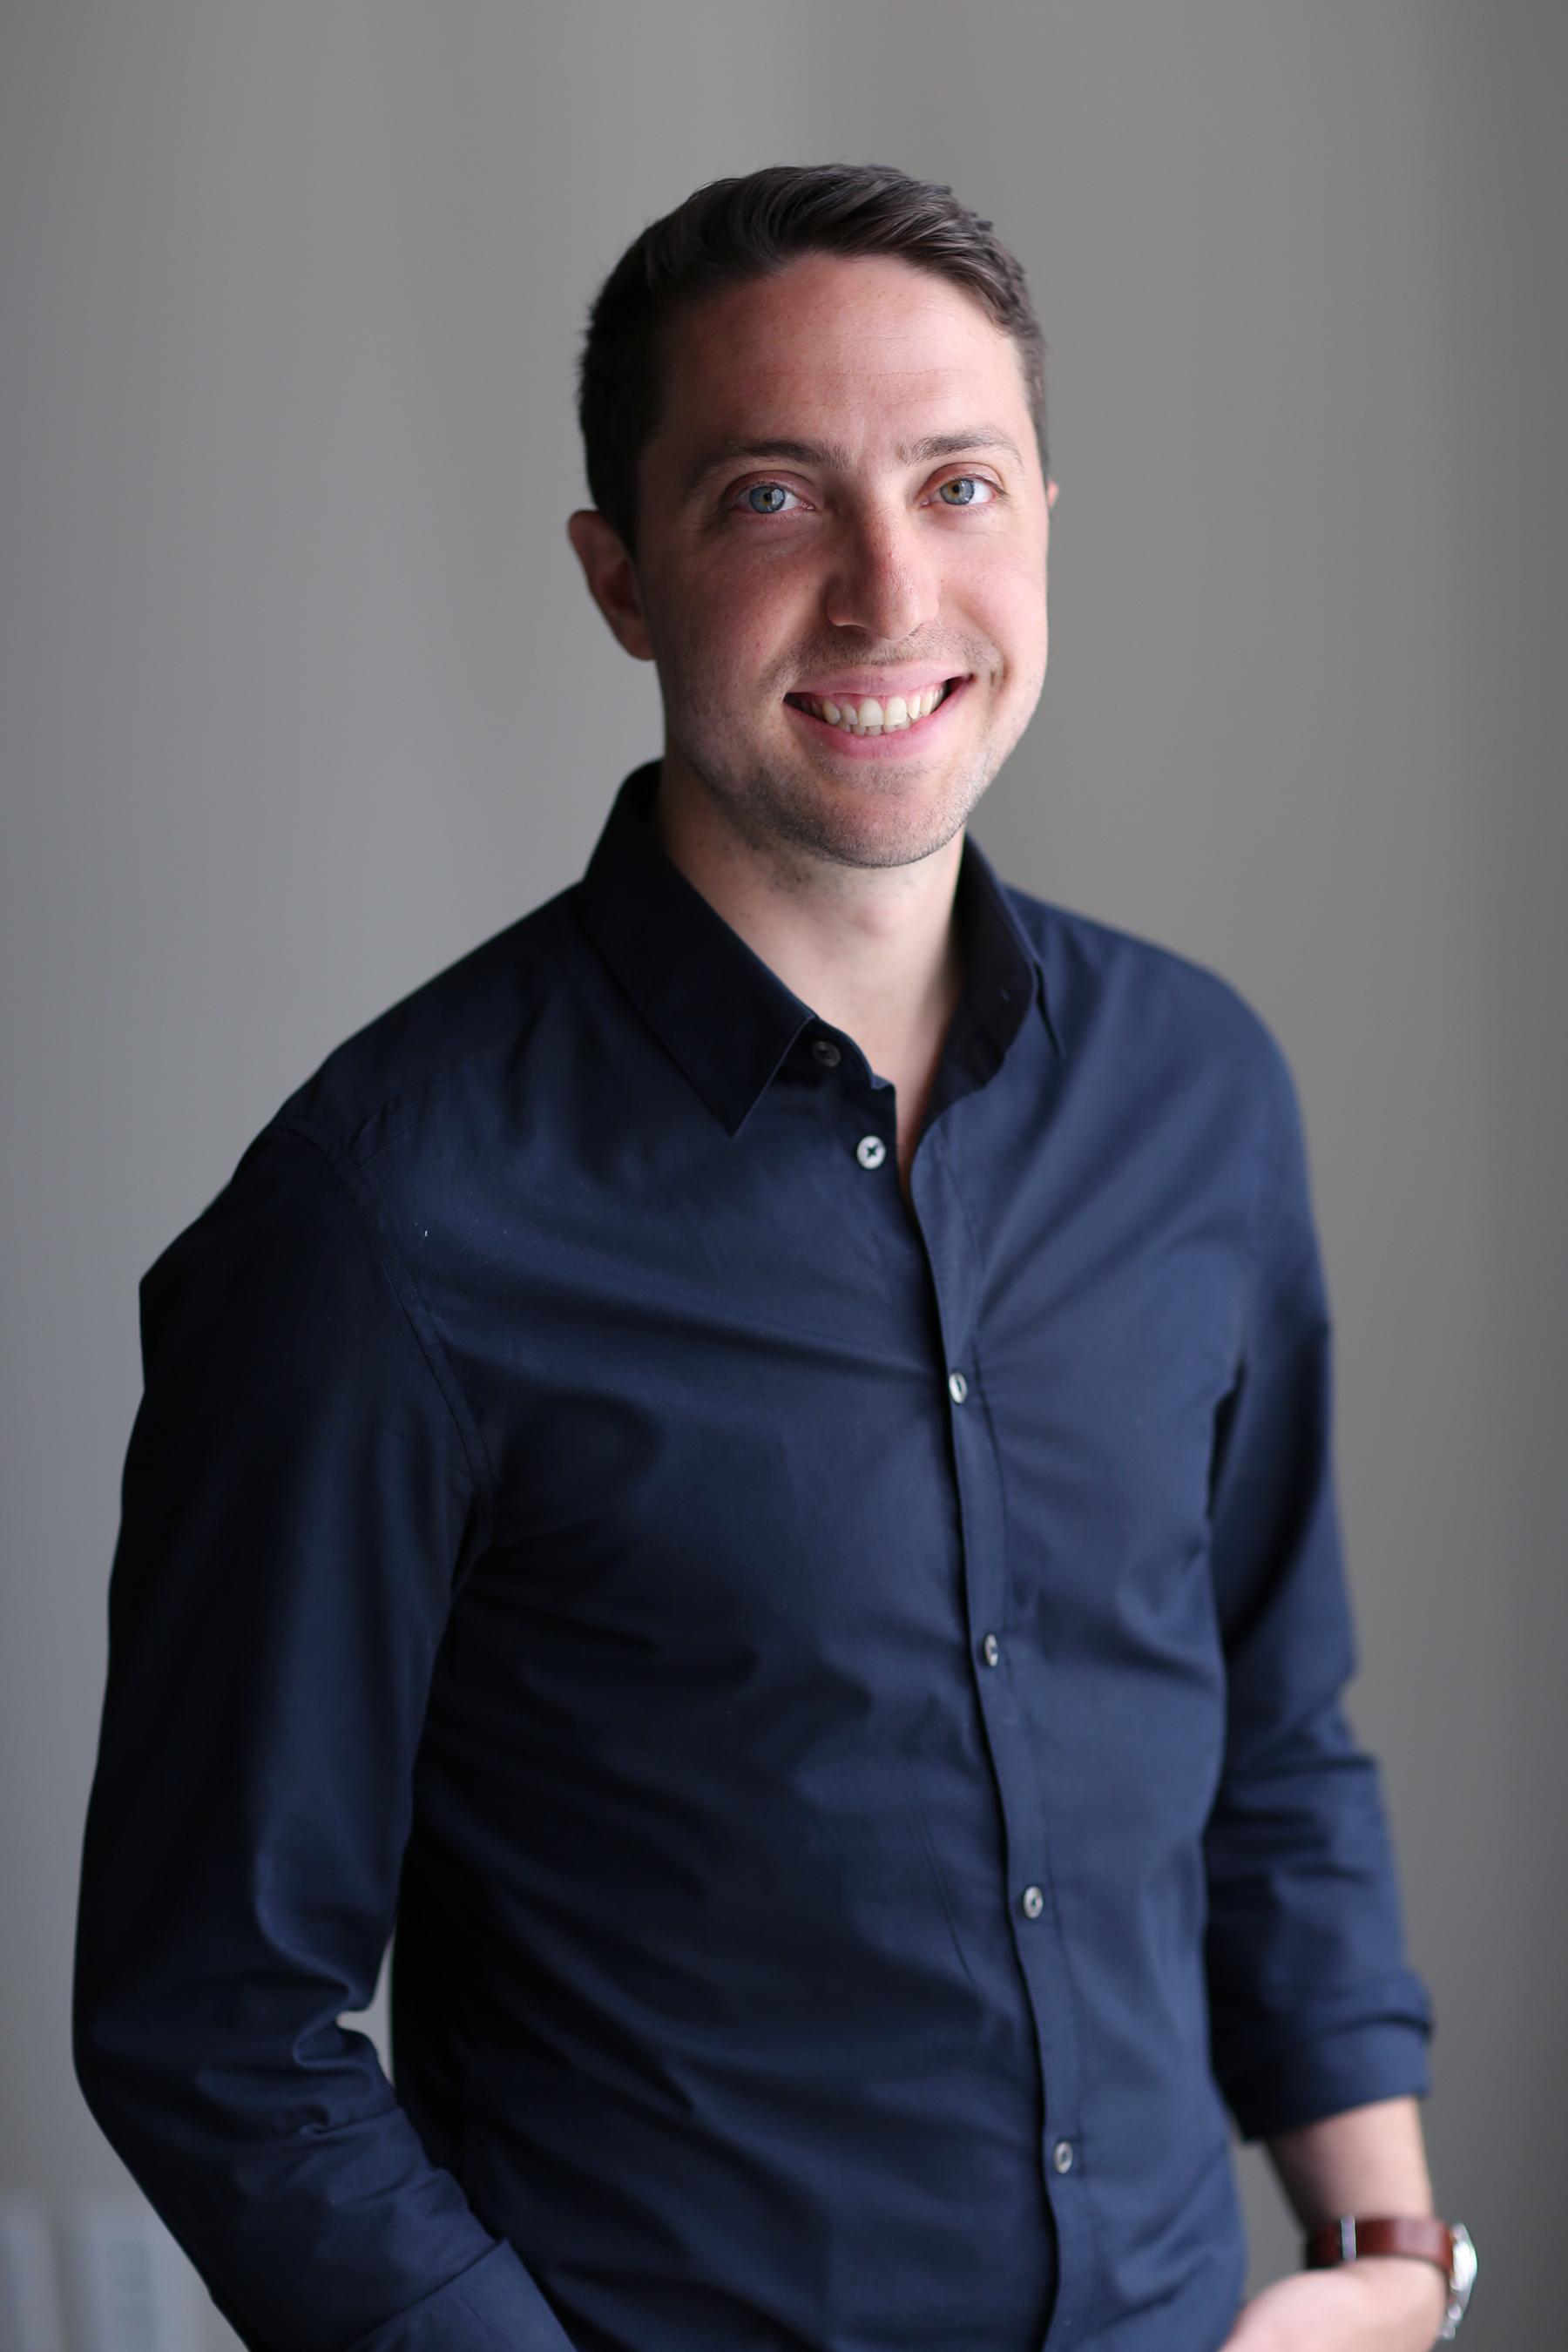 Daniel Belknap, Design Director